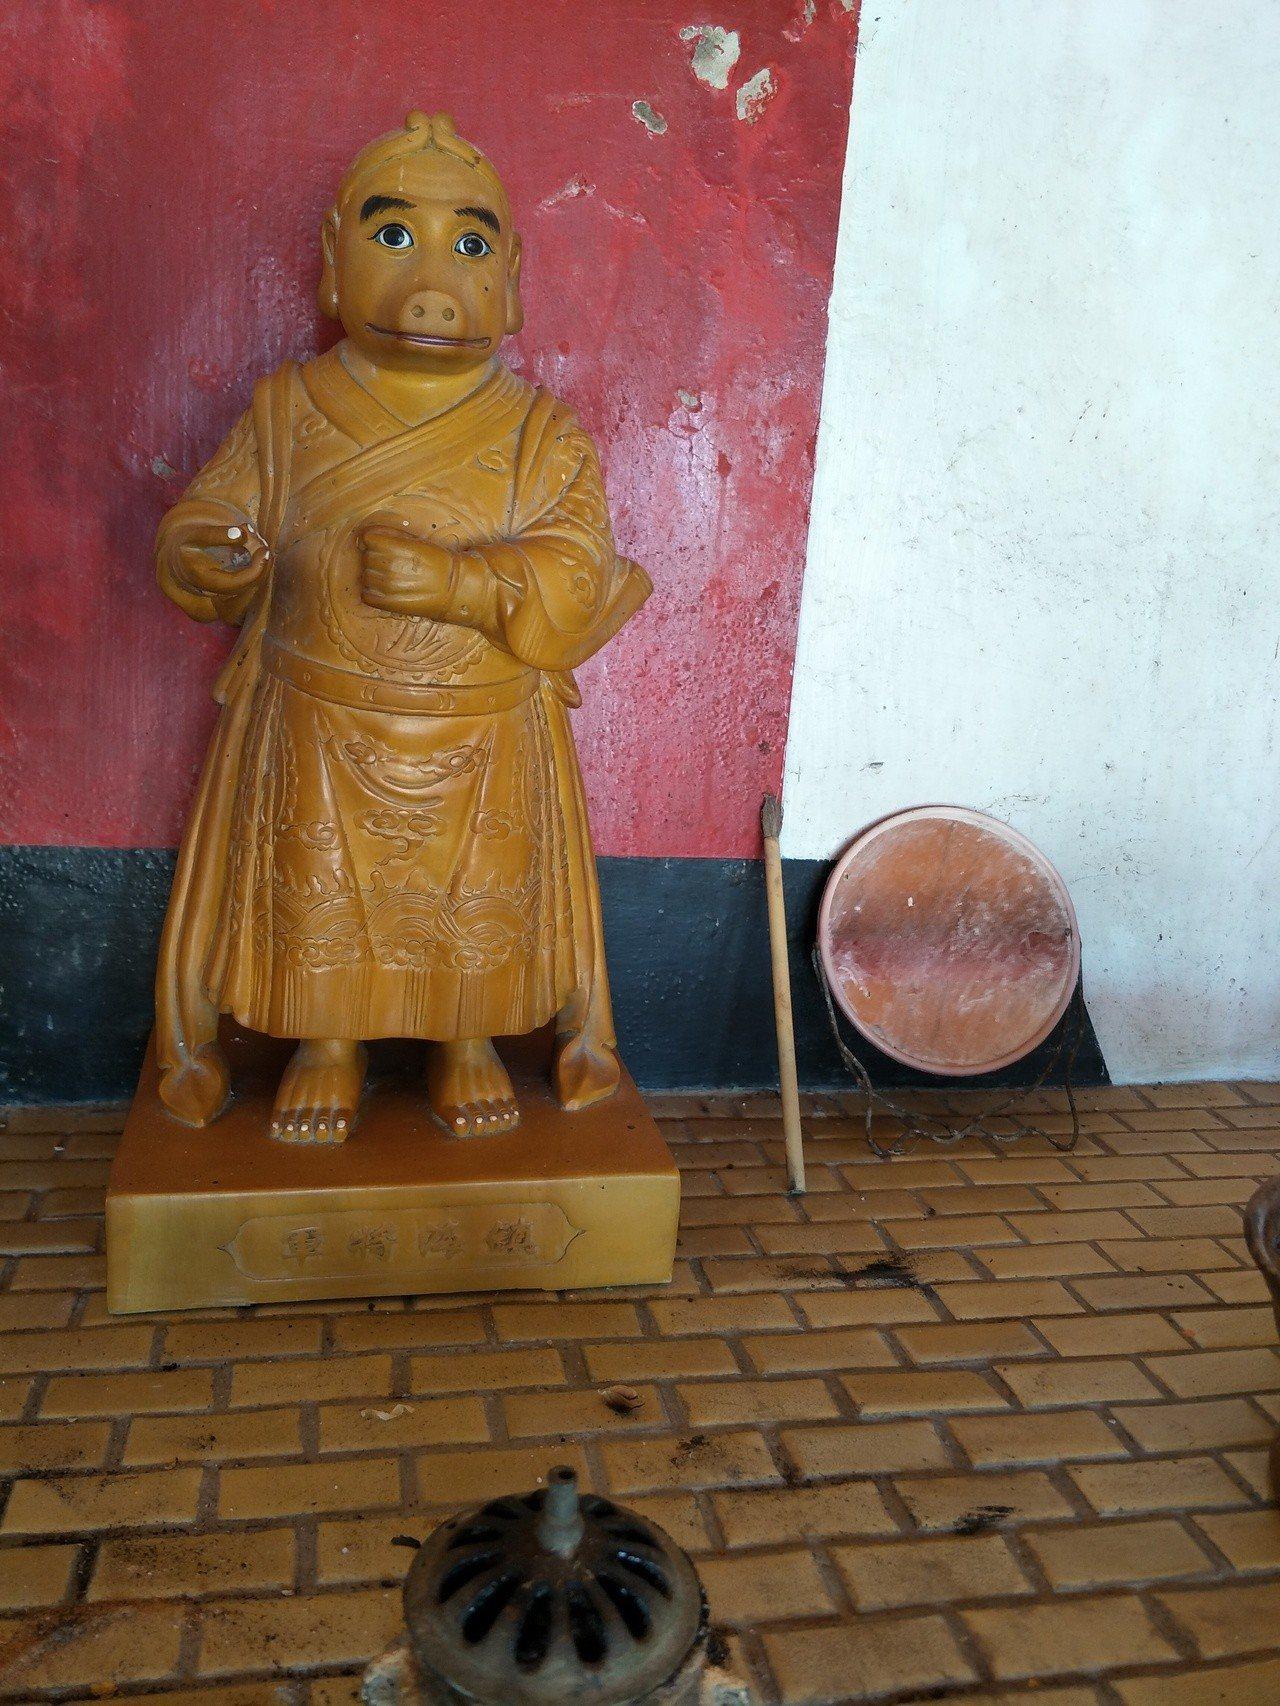 台南北門井仔腳有座罕見「豬母娘娘」廟,人身豬臉緊箍咒環神像,相當特殊。記者謝進盛...